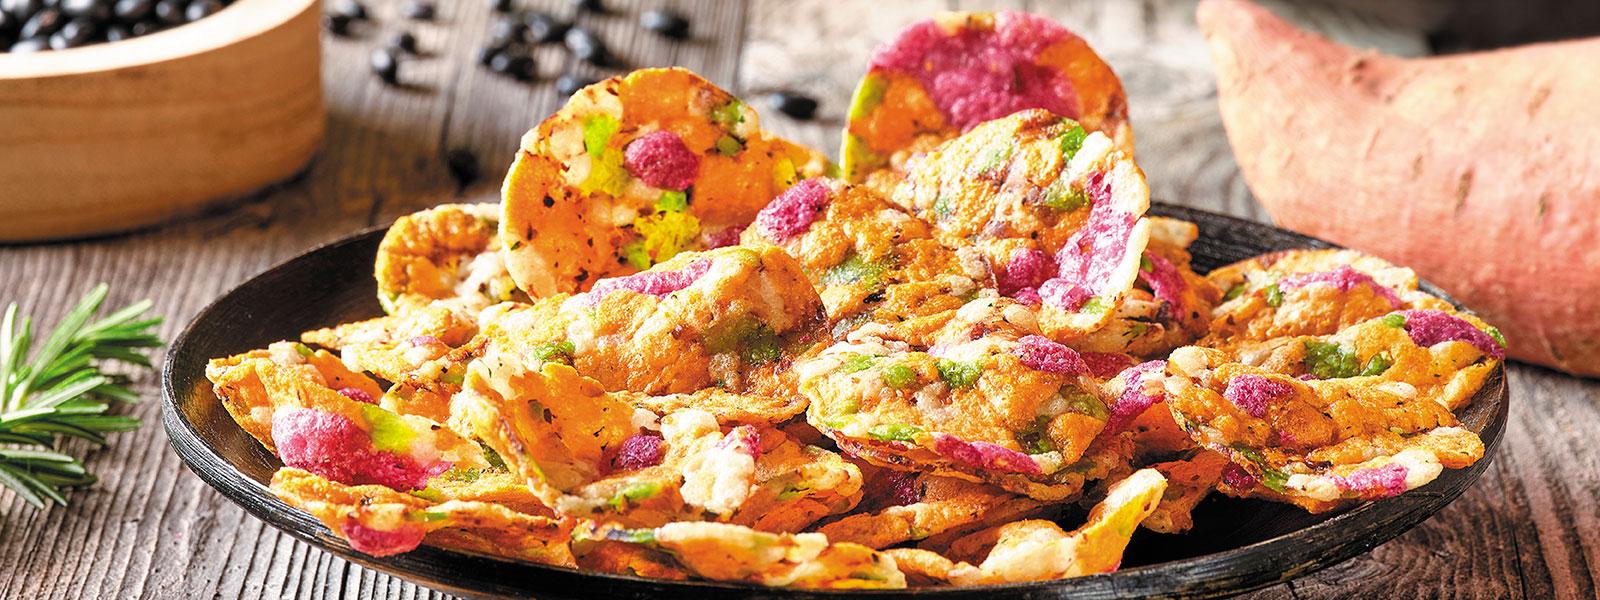 Vaya Süßkartoffelchips auf einem Teller angerichtet